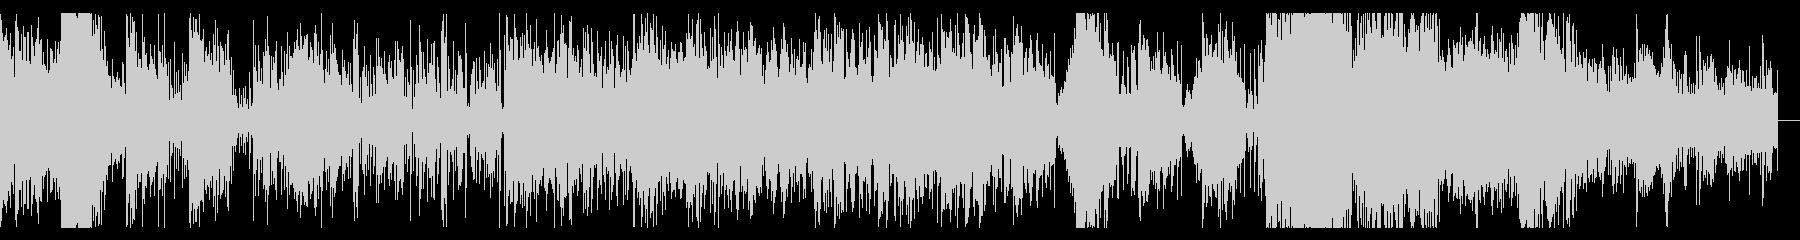 メタリックでダークなIDMの未再生の波形